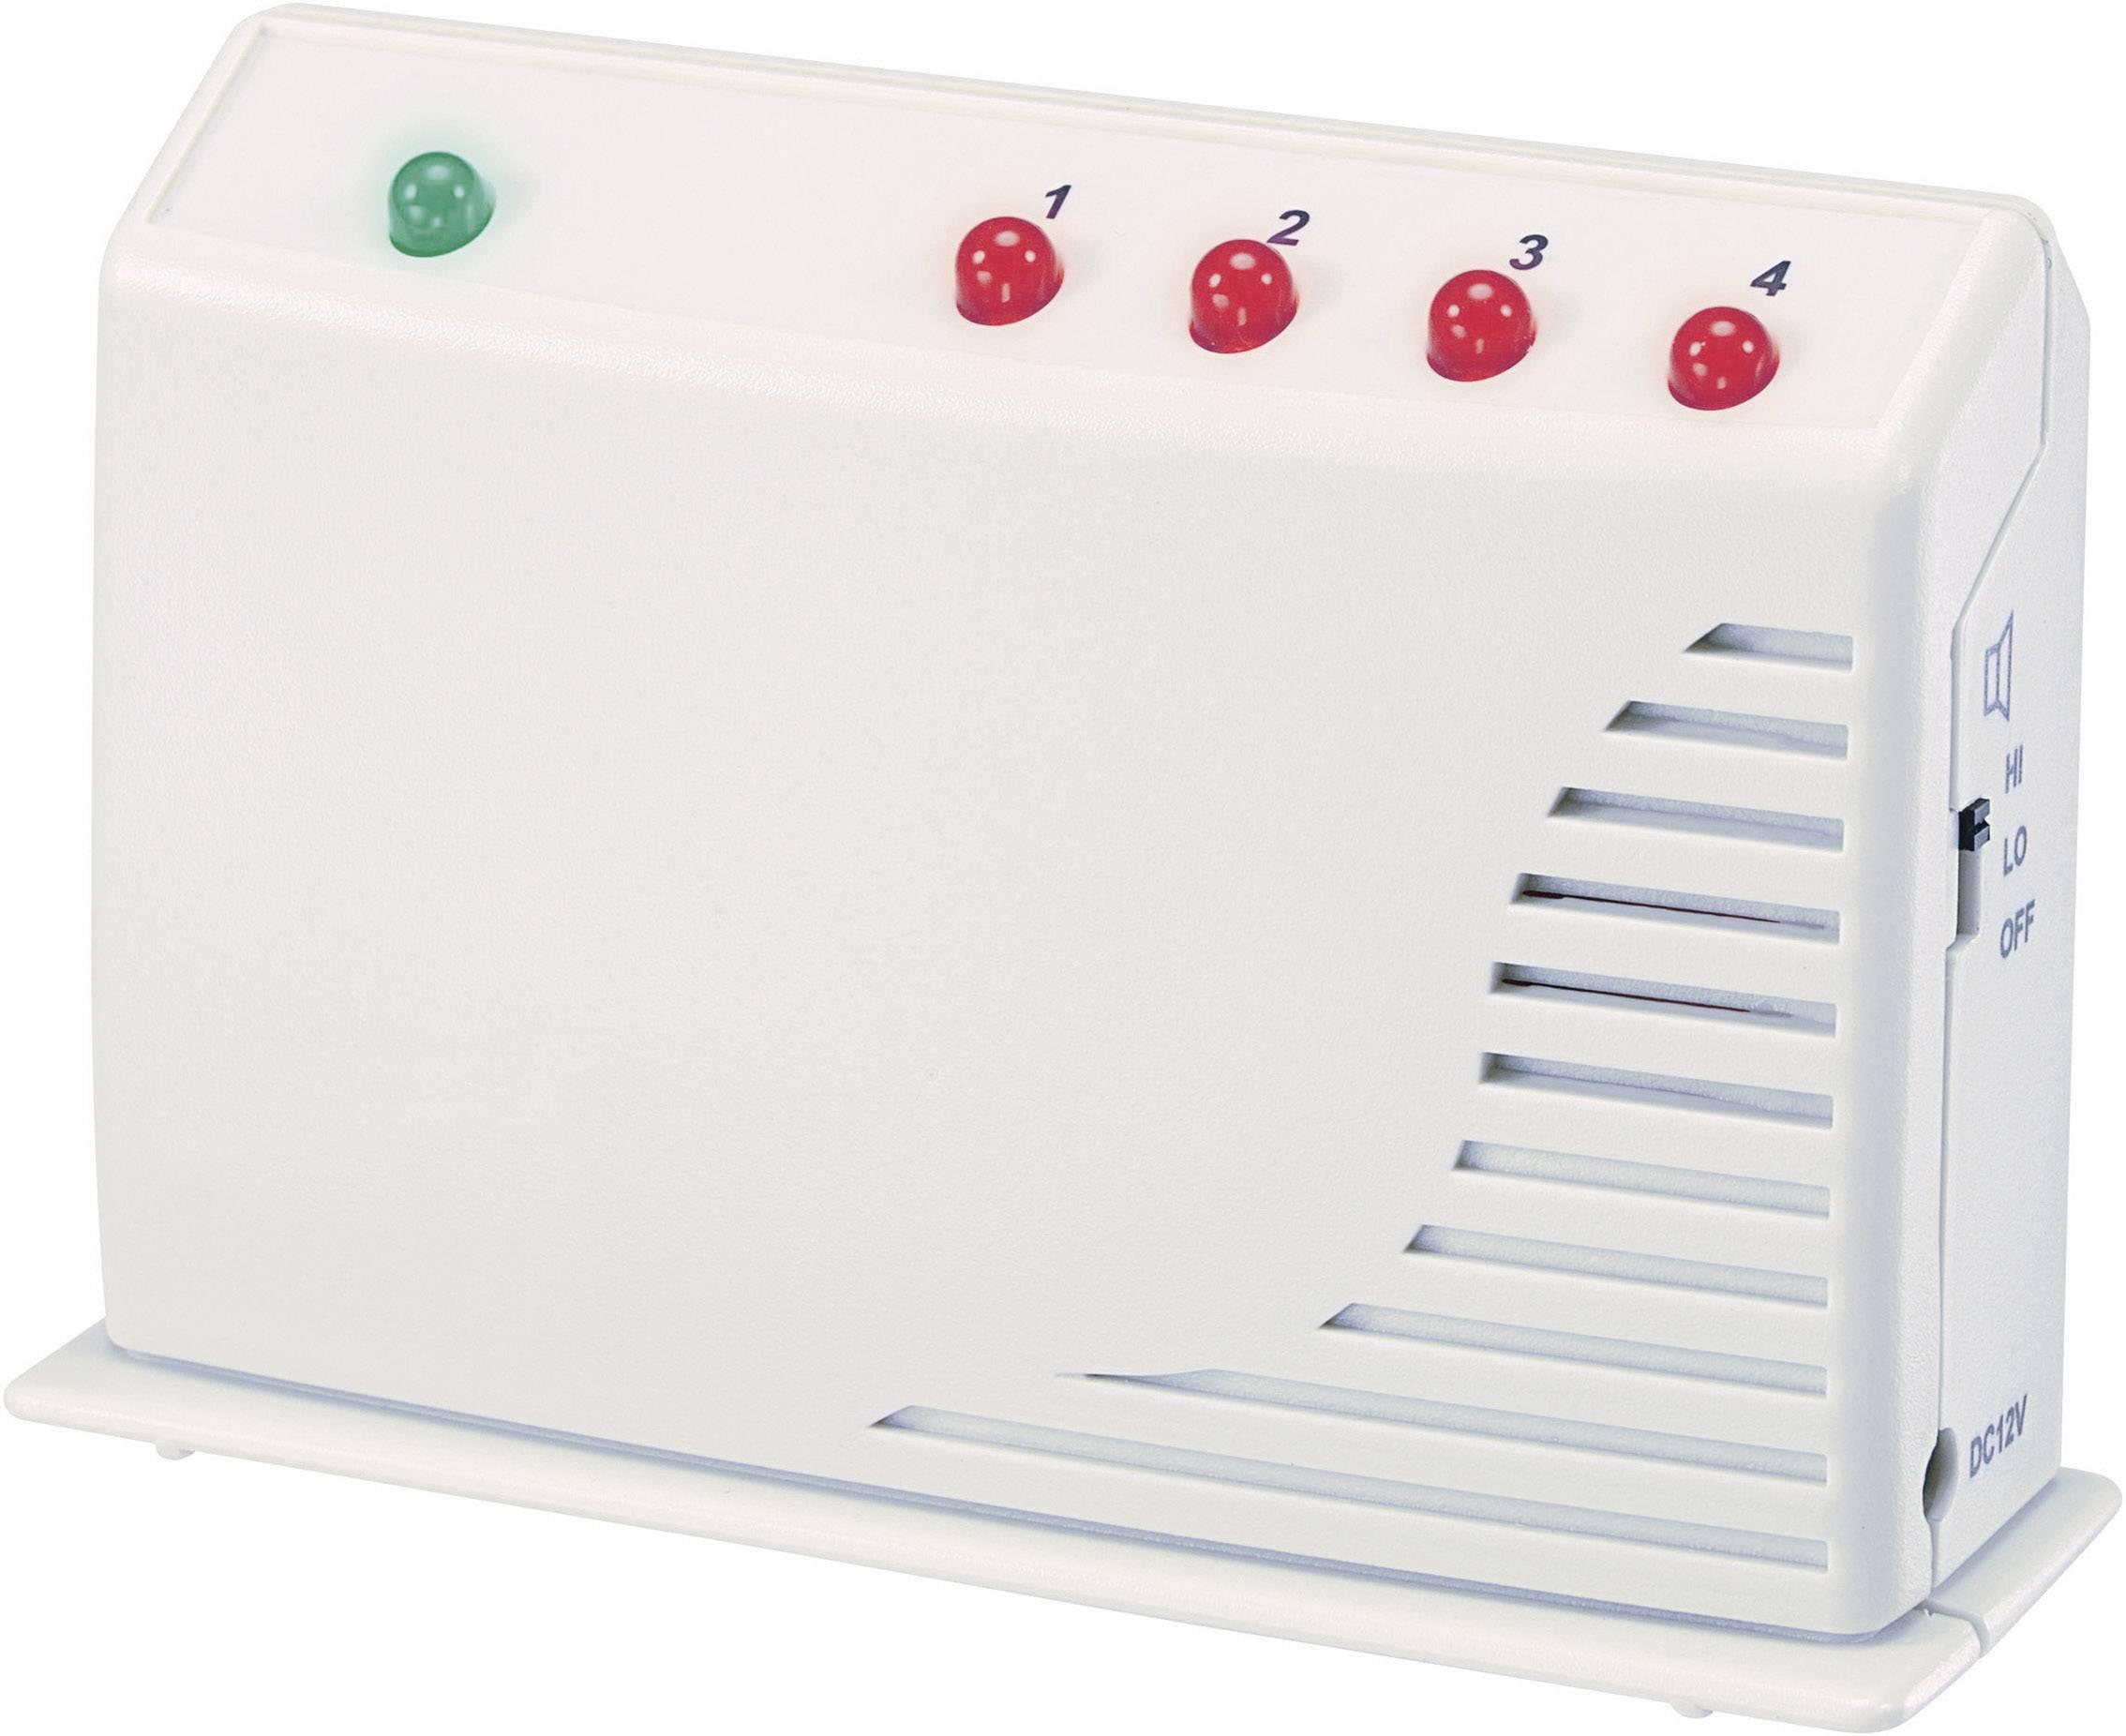 Bezdrôtový alarm GM-433R Zóna alarmu (bezdrôtová) 4